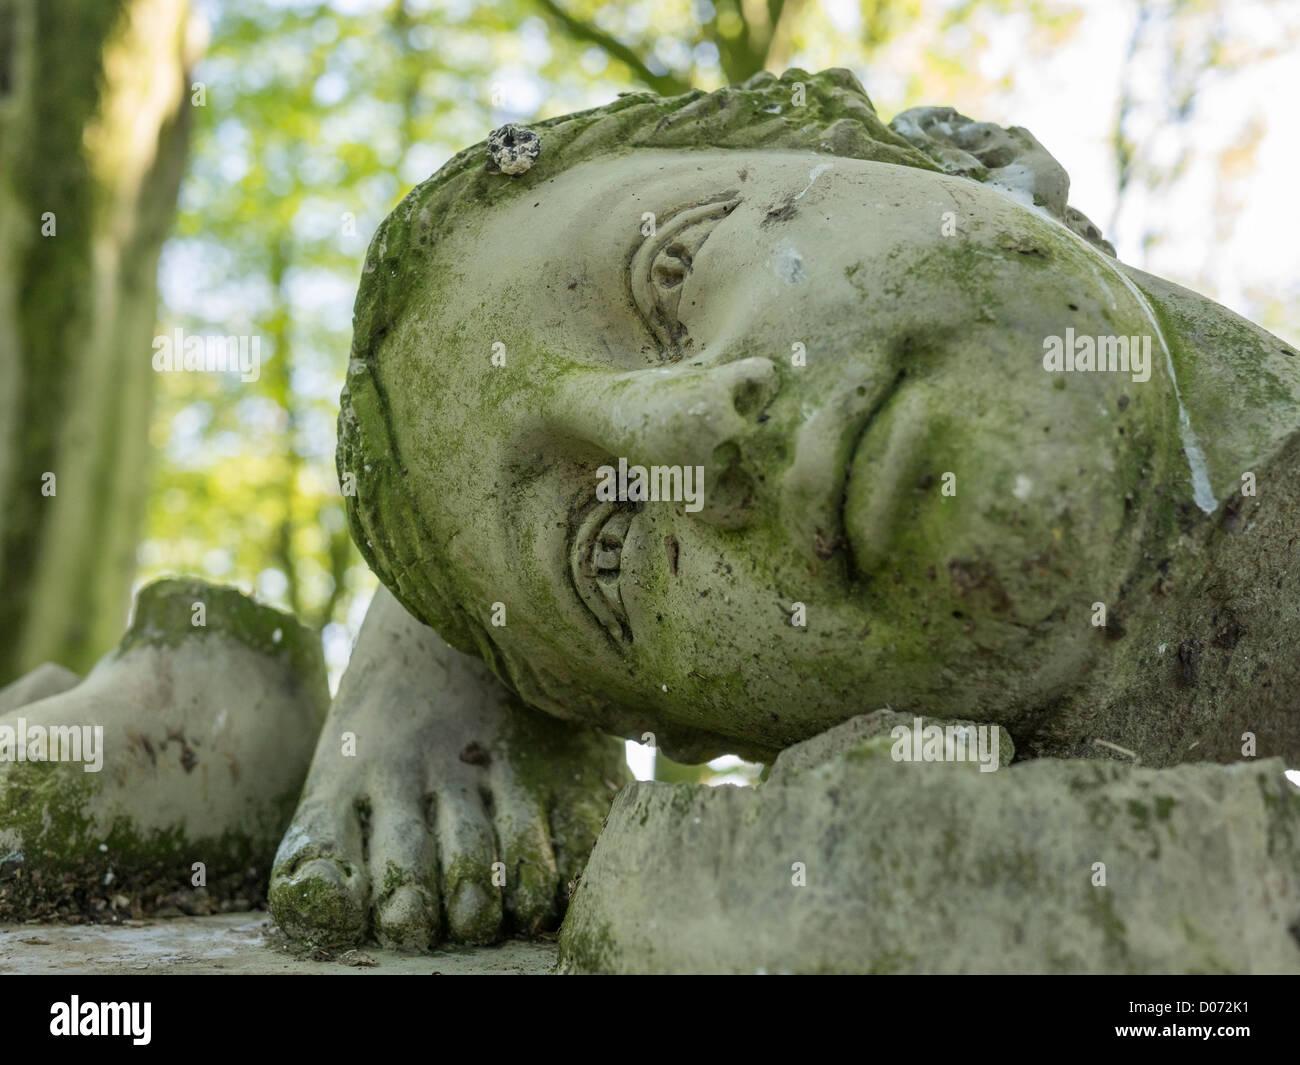 Kopf Und Fusse Einer Zertrummerte Stein Garten Skulptur In Einem Englischen Garten Stockfotografie Alamy